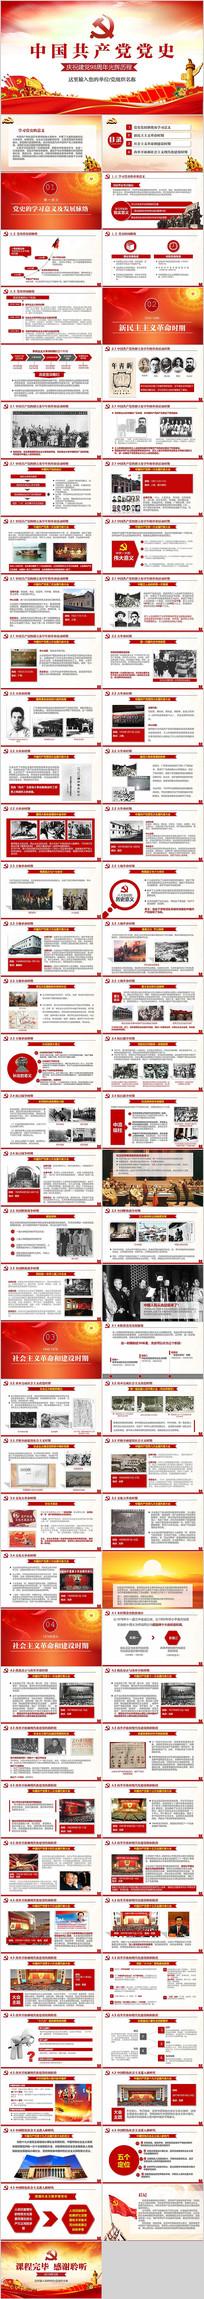 建党98周年党史PPT